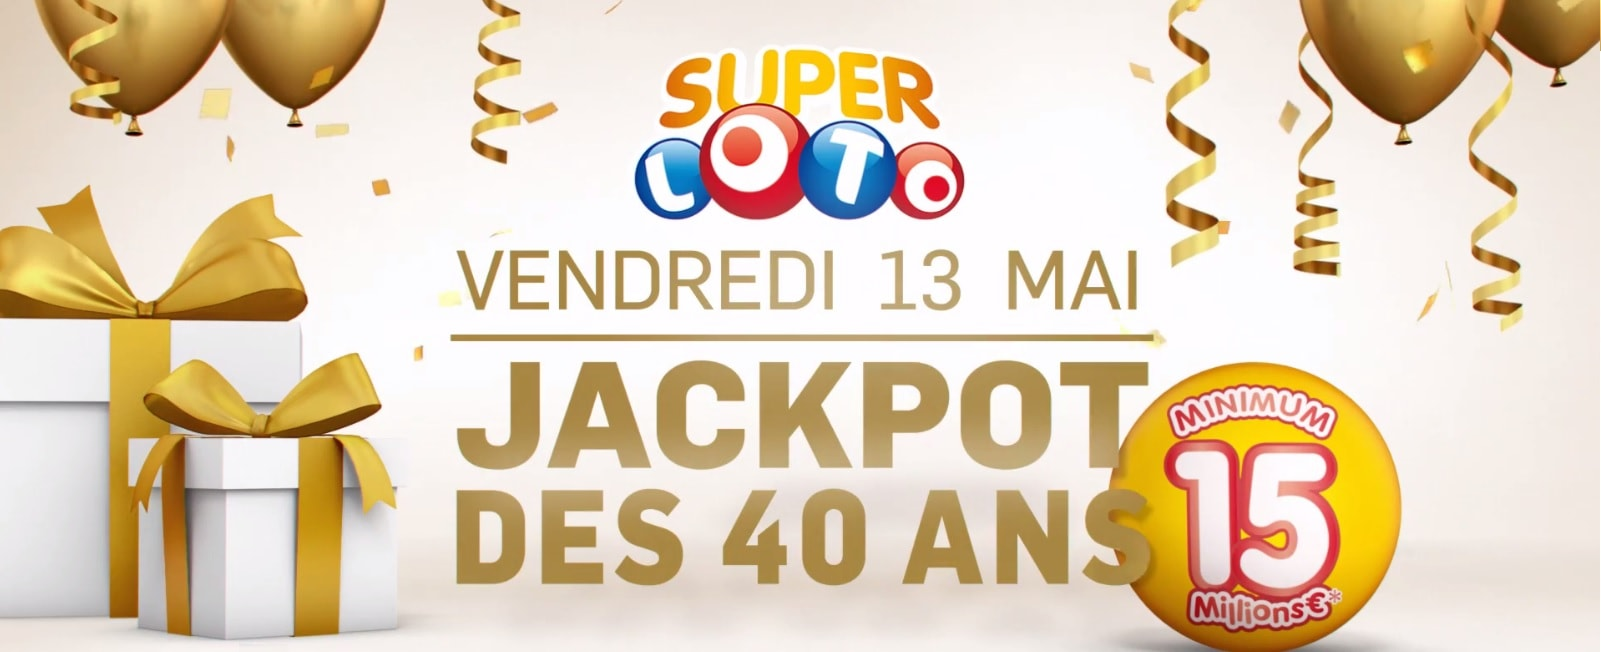 Publicité vidéo FDJ pur le Super Loto du vendredi 13 mai